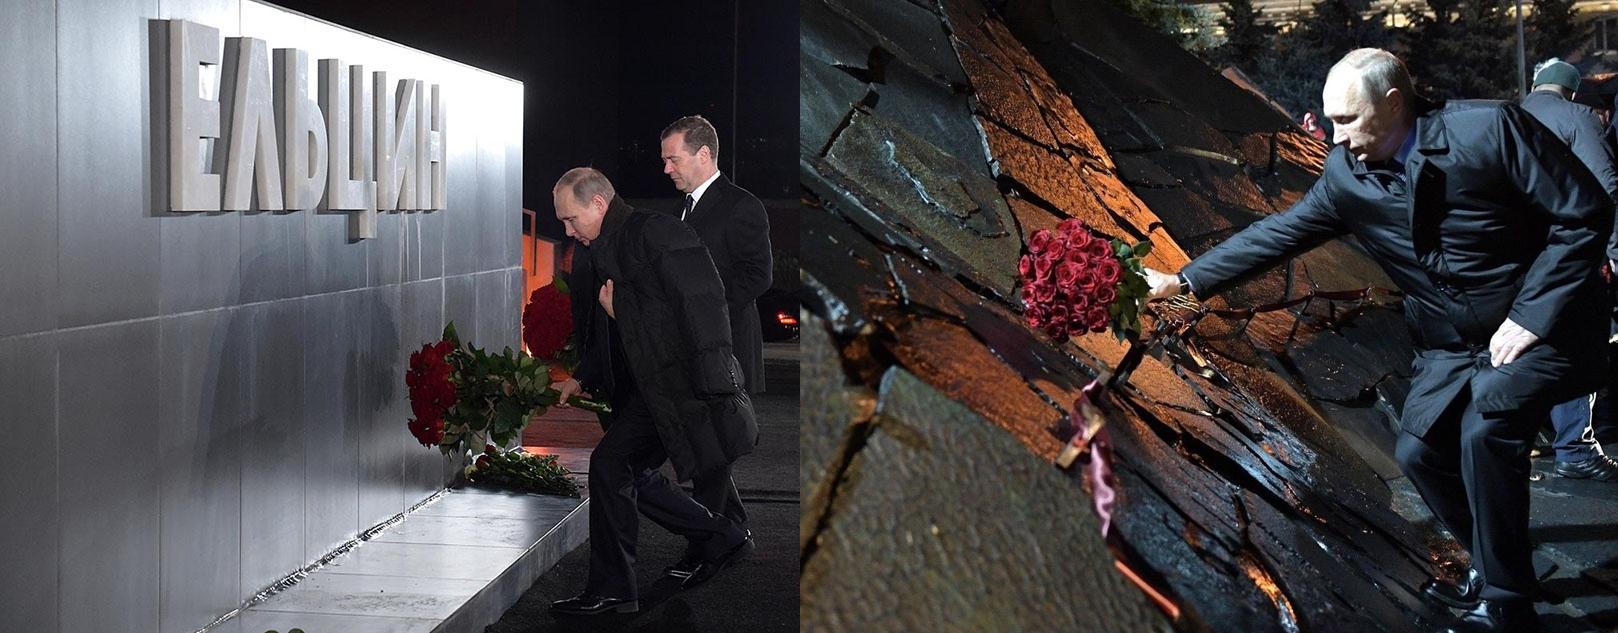 20171102_09-00-Юрий Жуков- Зачем Москве жуткая копия еврейской Стены плача и что она скрывает